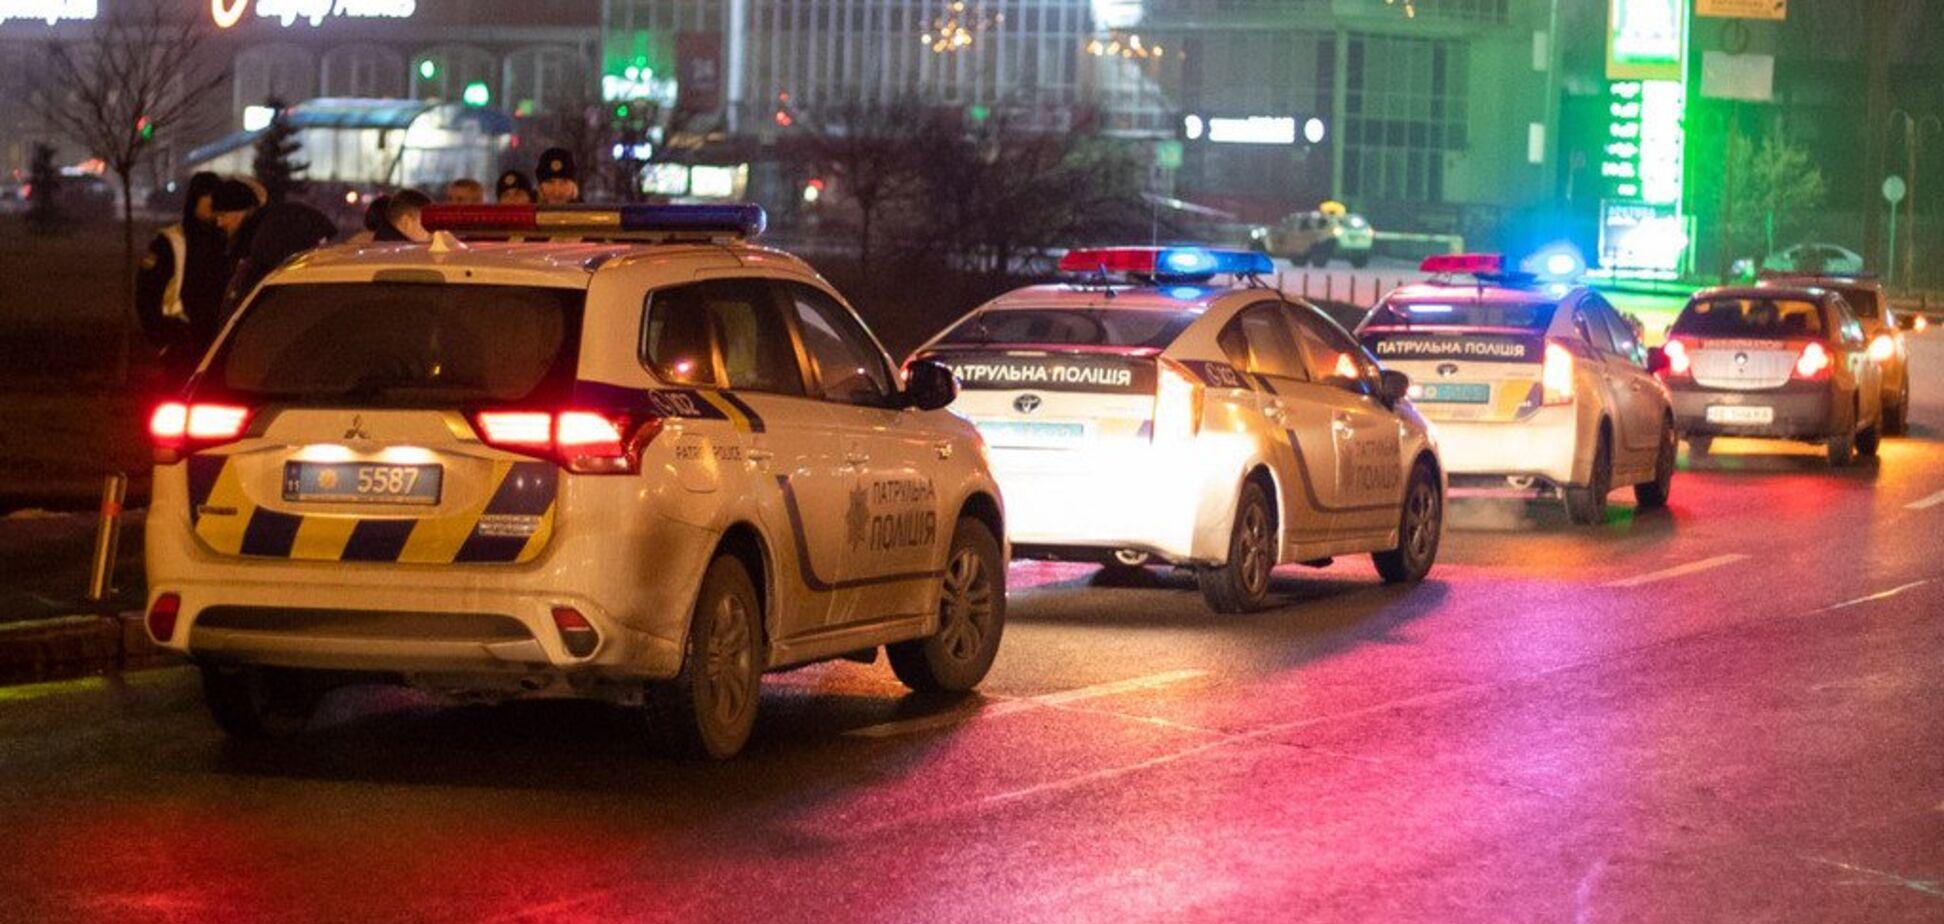 У Києві в Гідропарку чоловіку вистрелили в обличчя